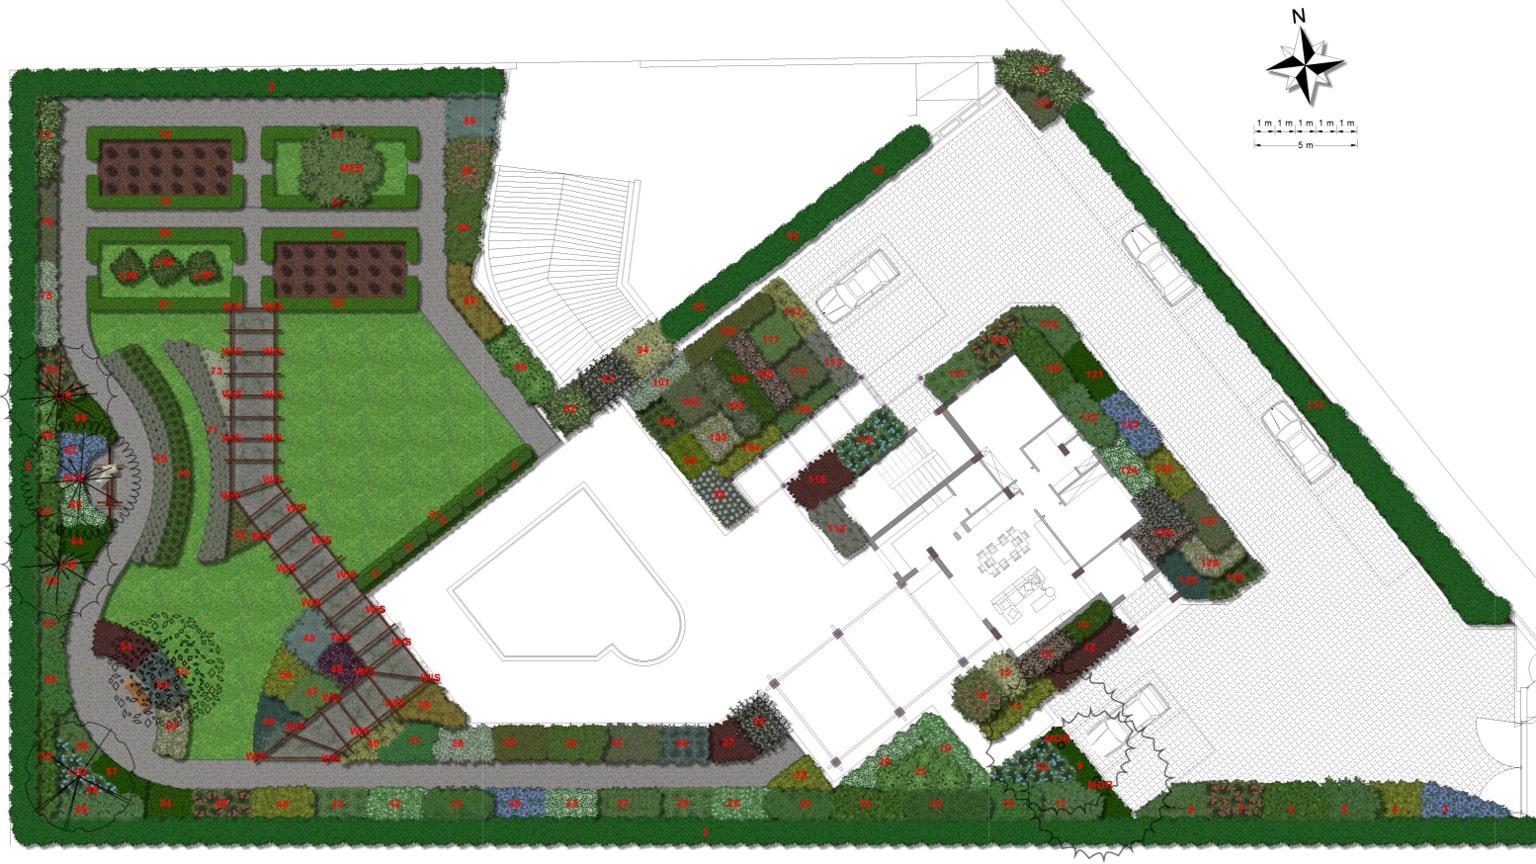 Progettazione-di-giardino-a-Napoli- progetto-definitivo